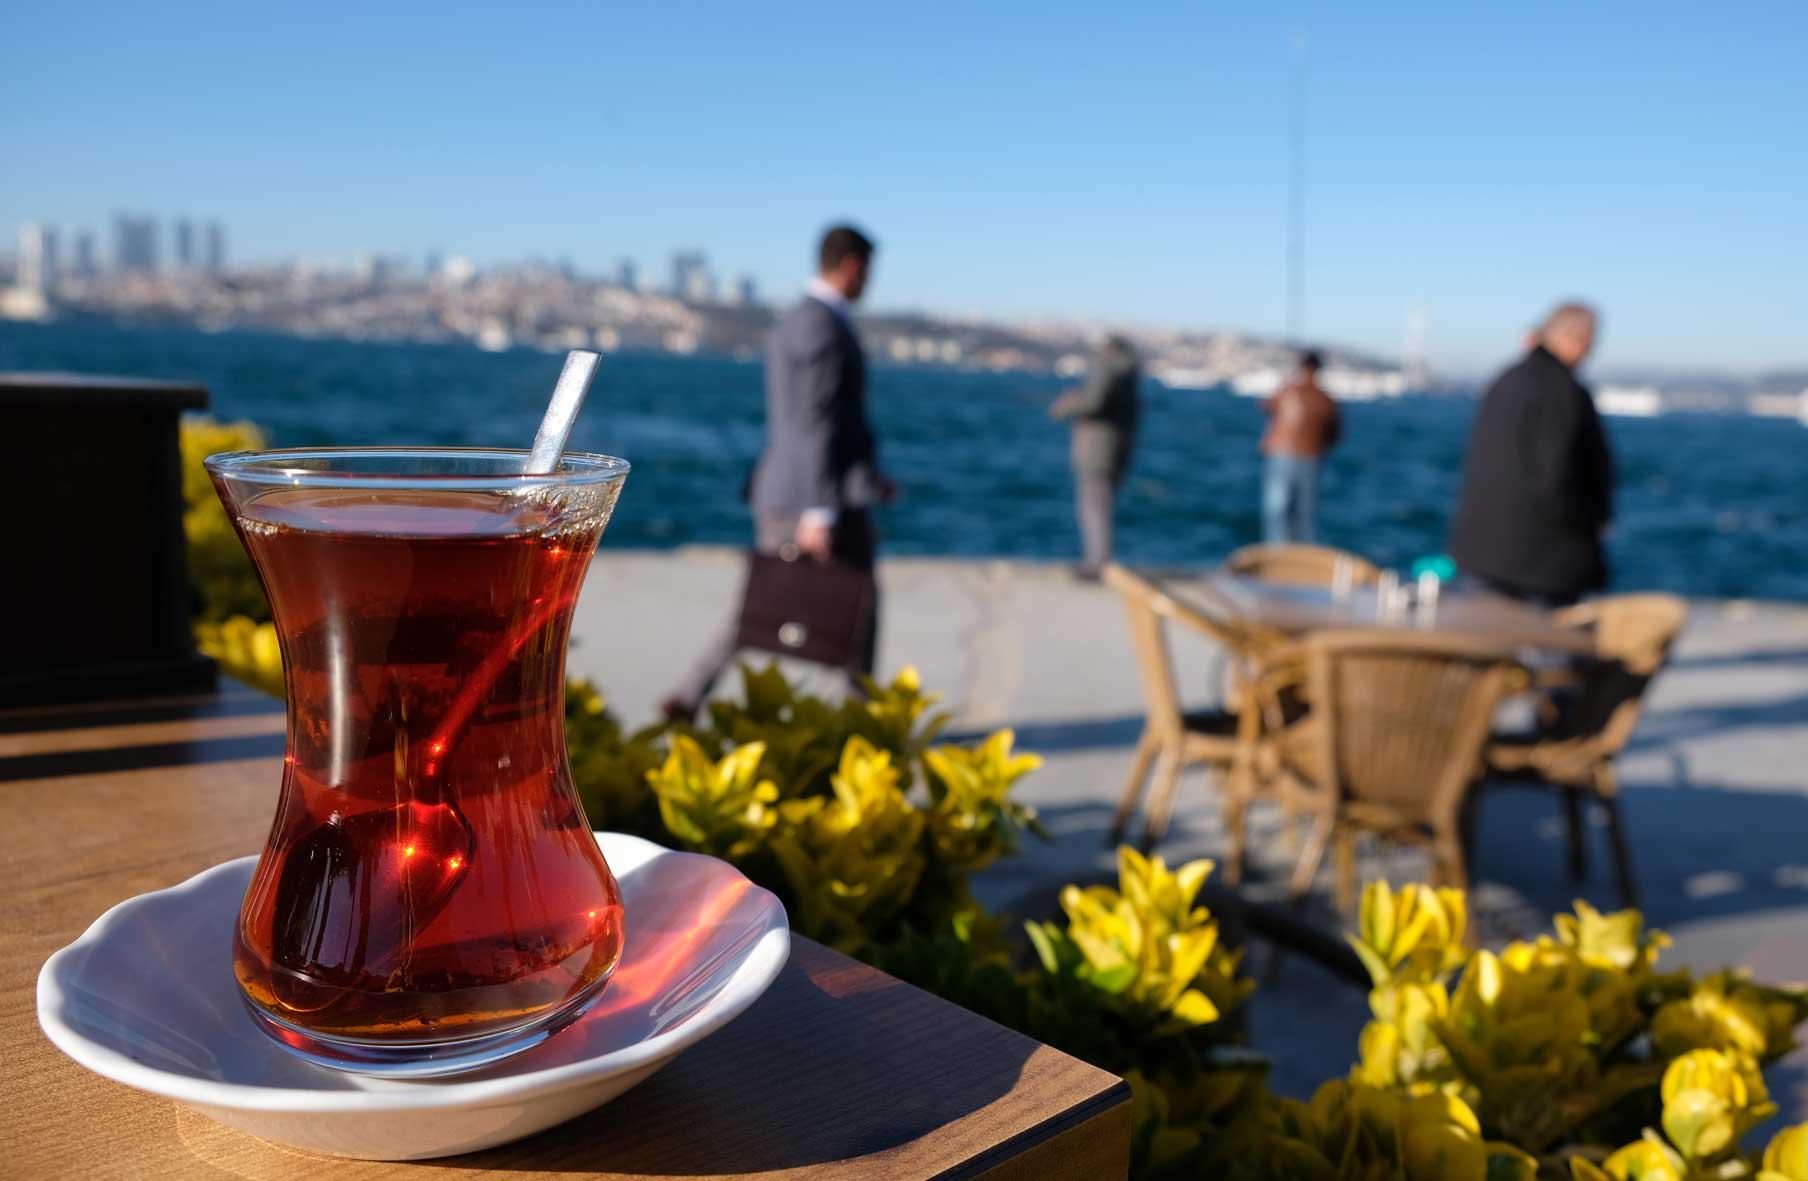 Bei einem leckeren Çaj genießen wir die entspannte Atmosphäre am Bosporus